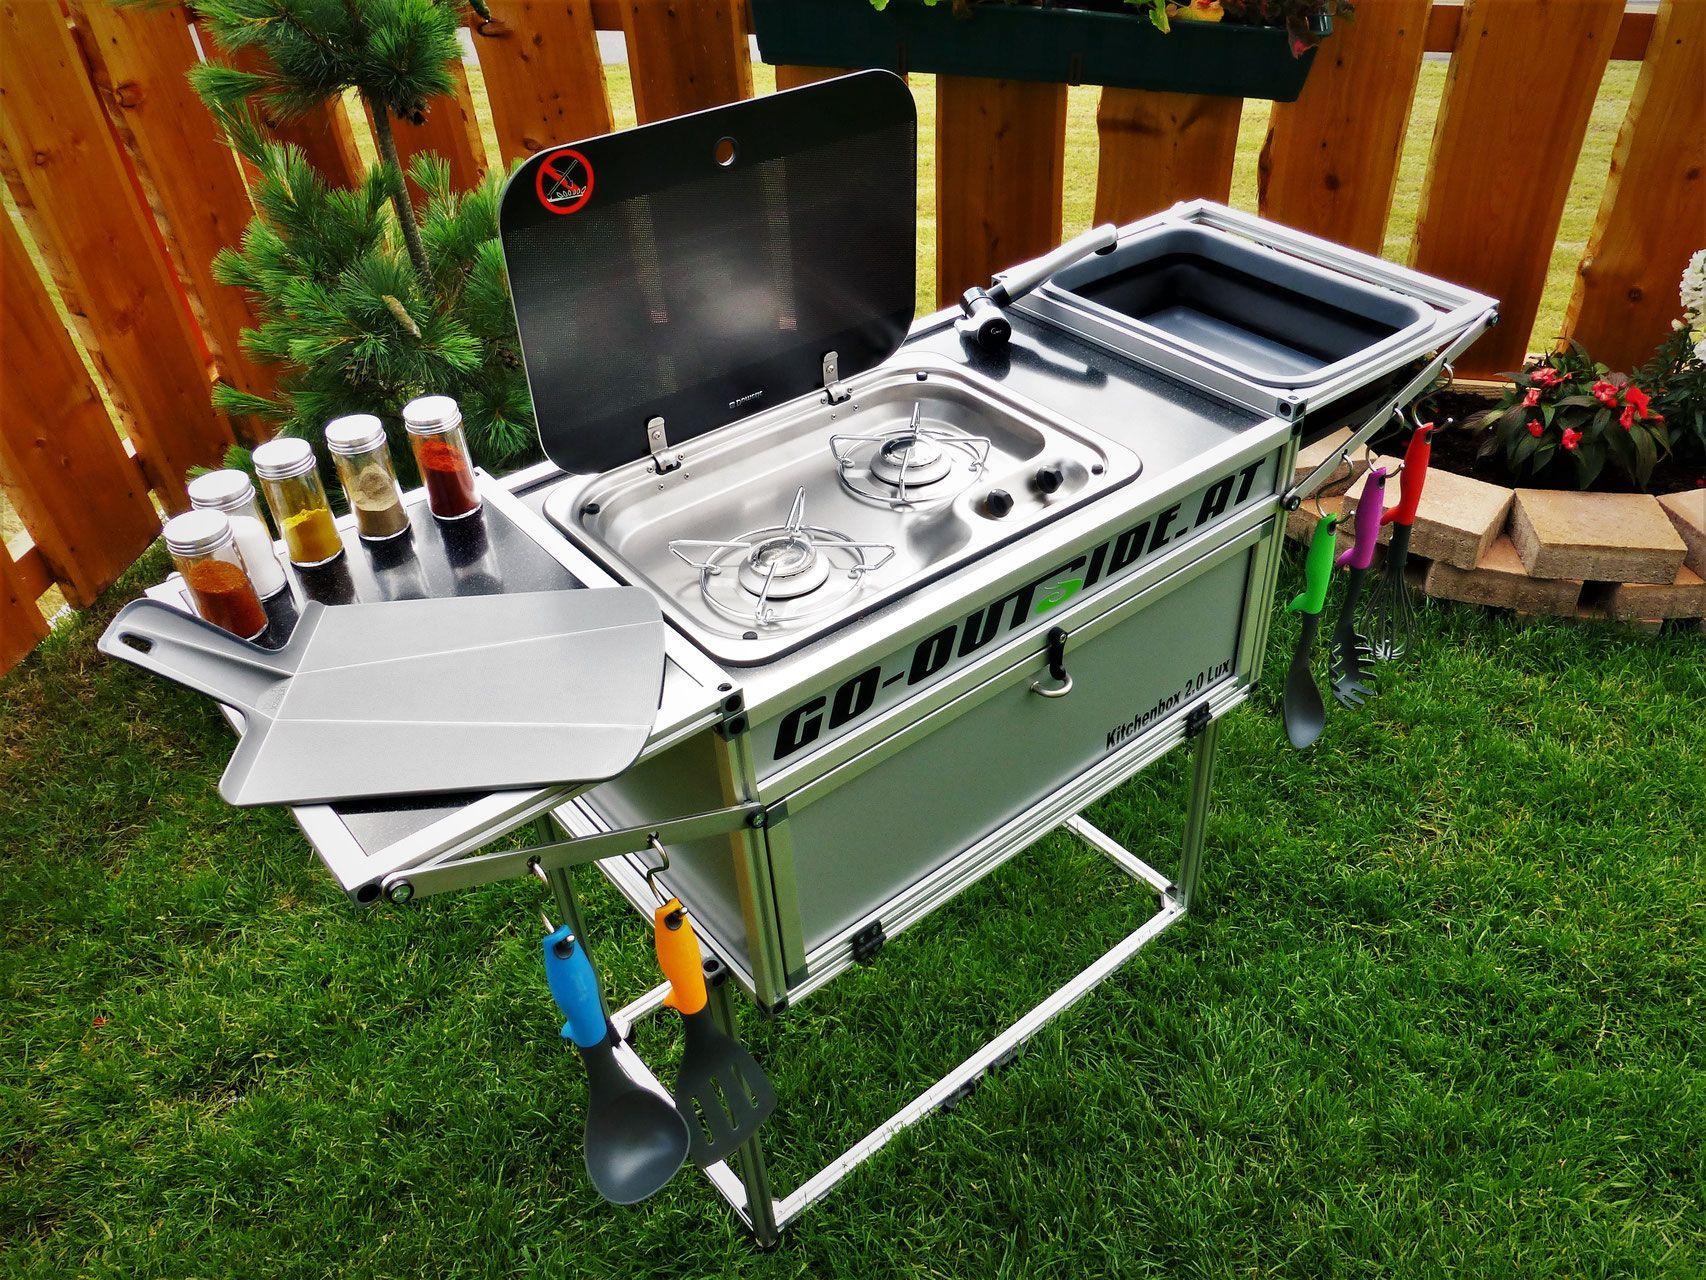 Outdoorküche Klappbar Günstig : Campingausrüstung outdoor küche outdoor küche klappbar